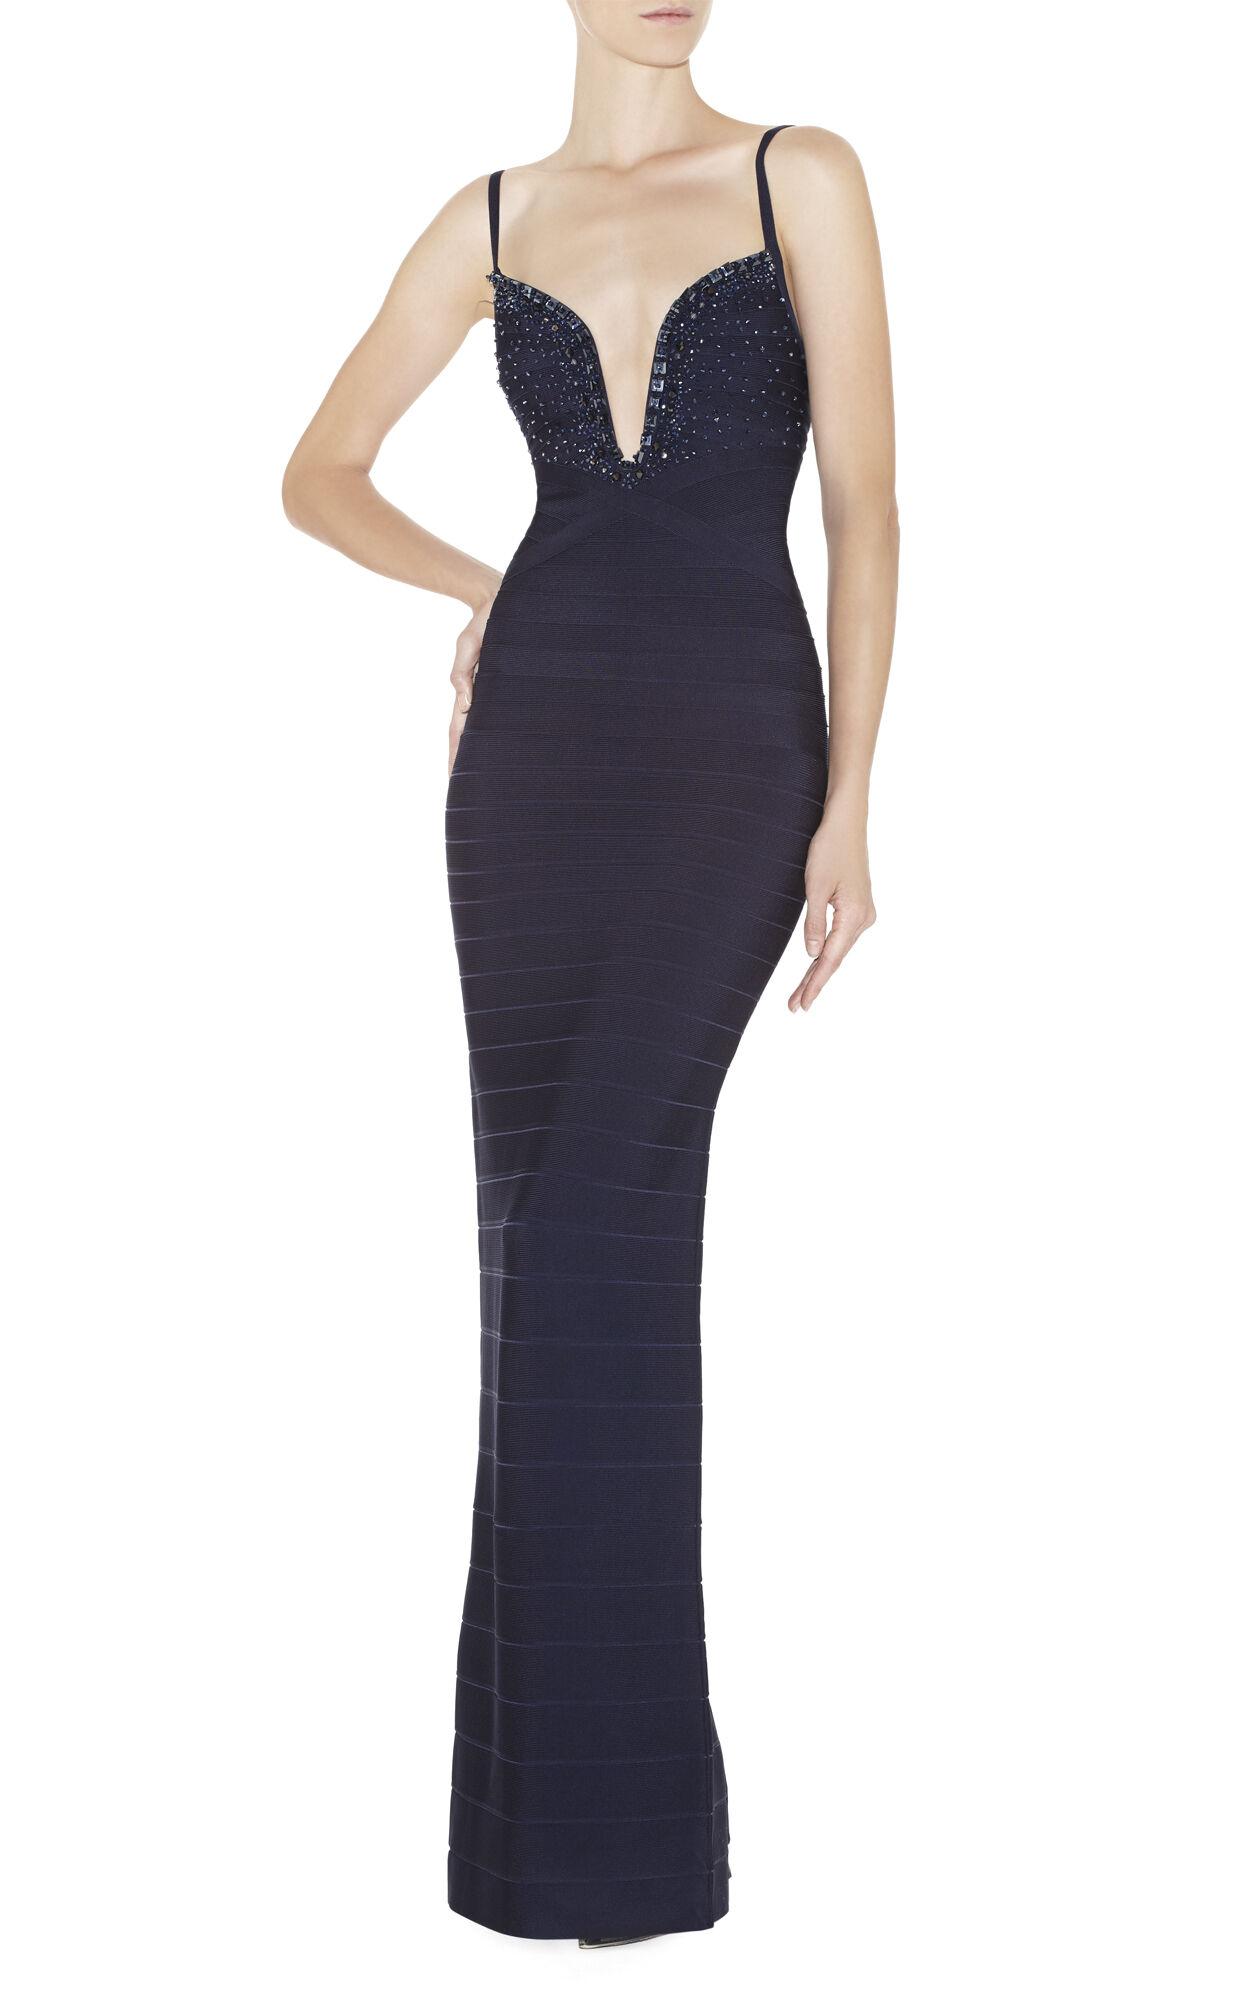 Emilia Beaded Wire-Neckline Dress